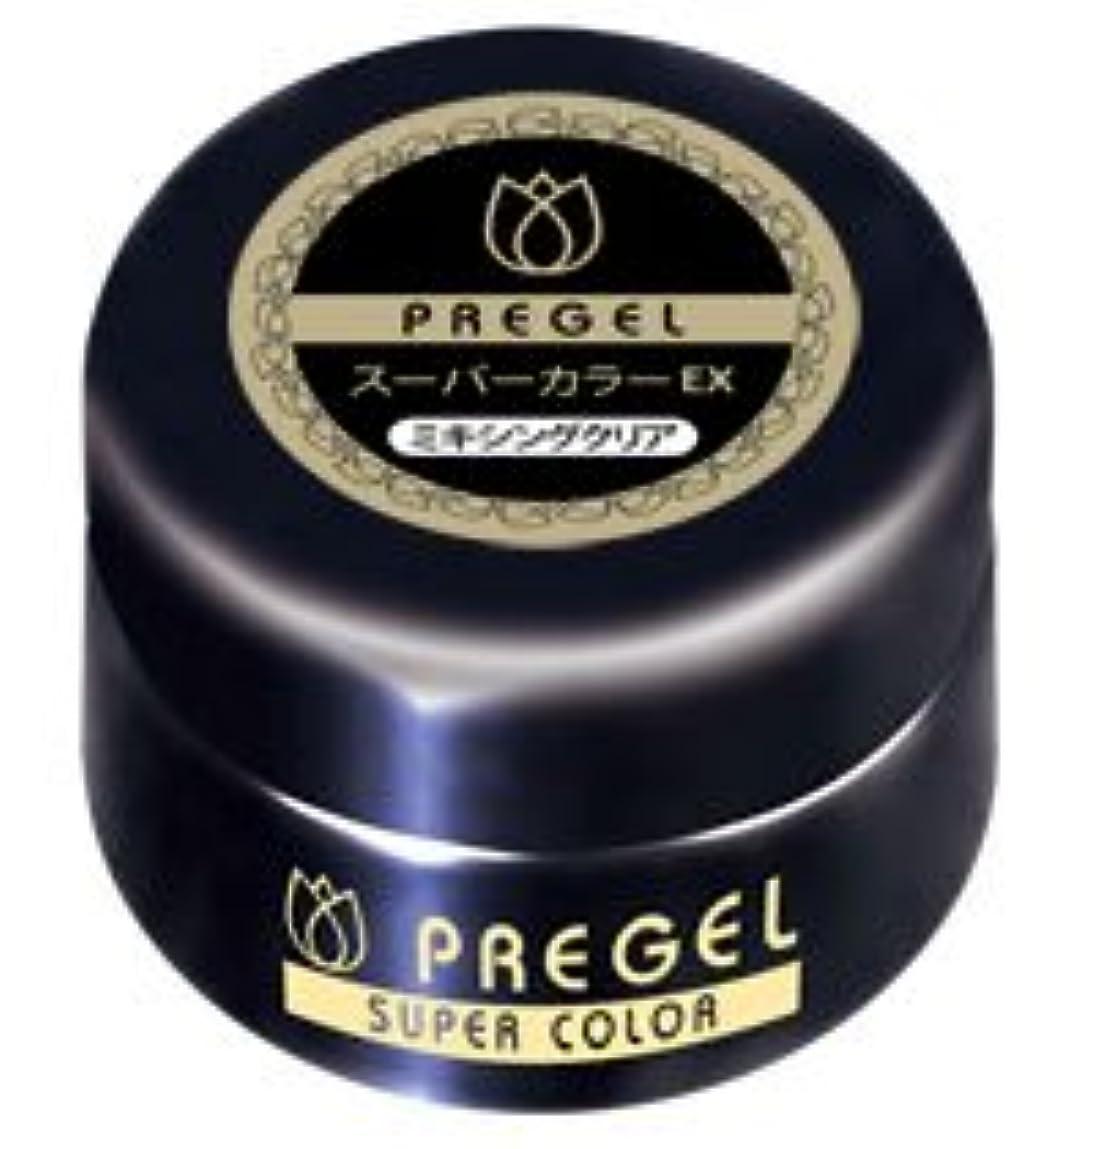 黙認する地域の正気PREGEL(プリジェル) スーパーカラーEx PG-SE000 <BR>ミキシングクリア 4g